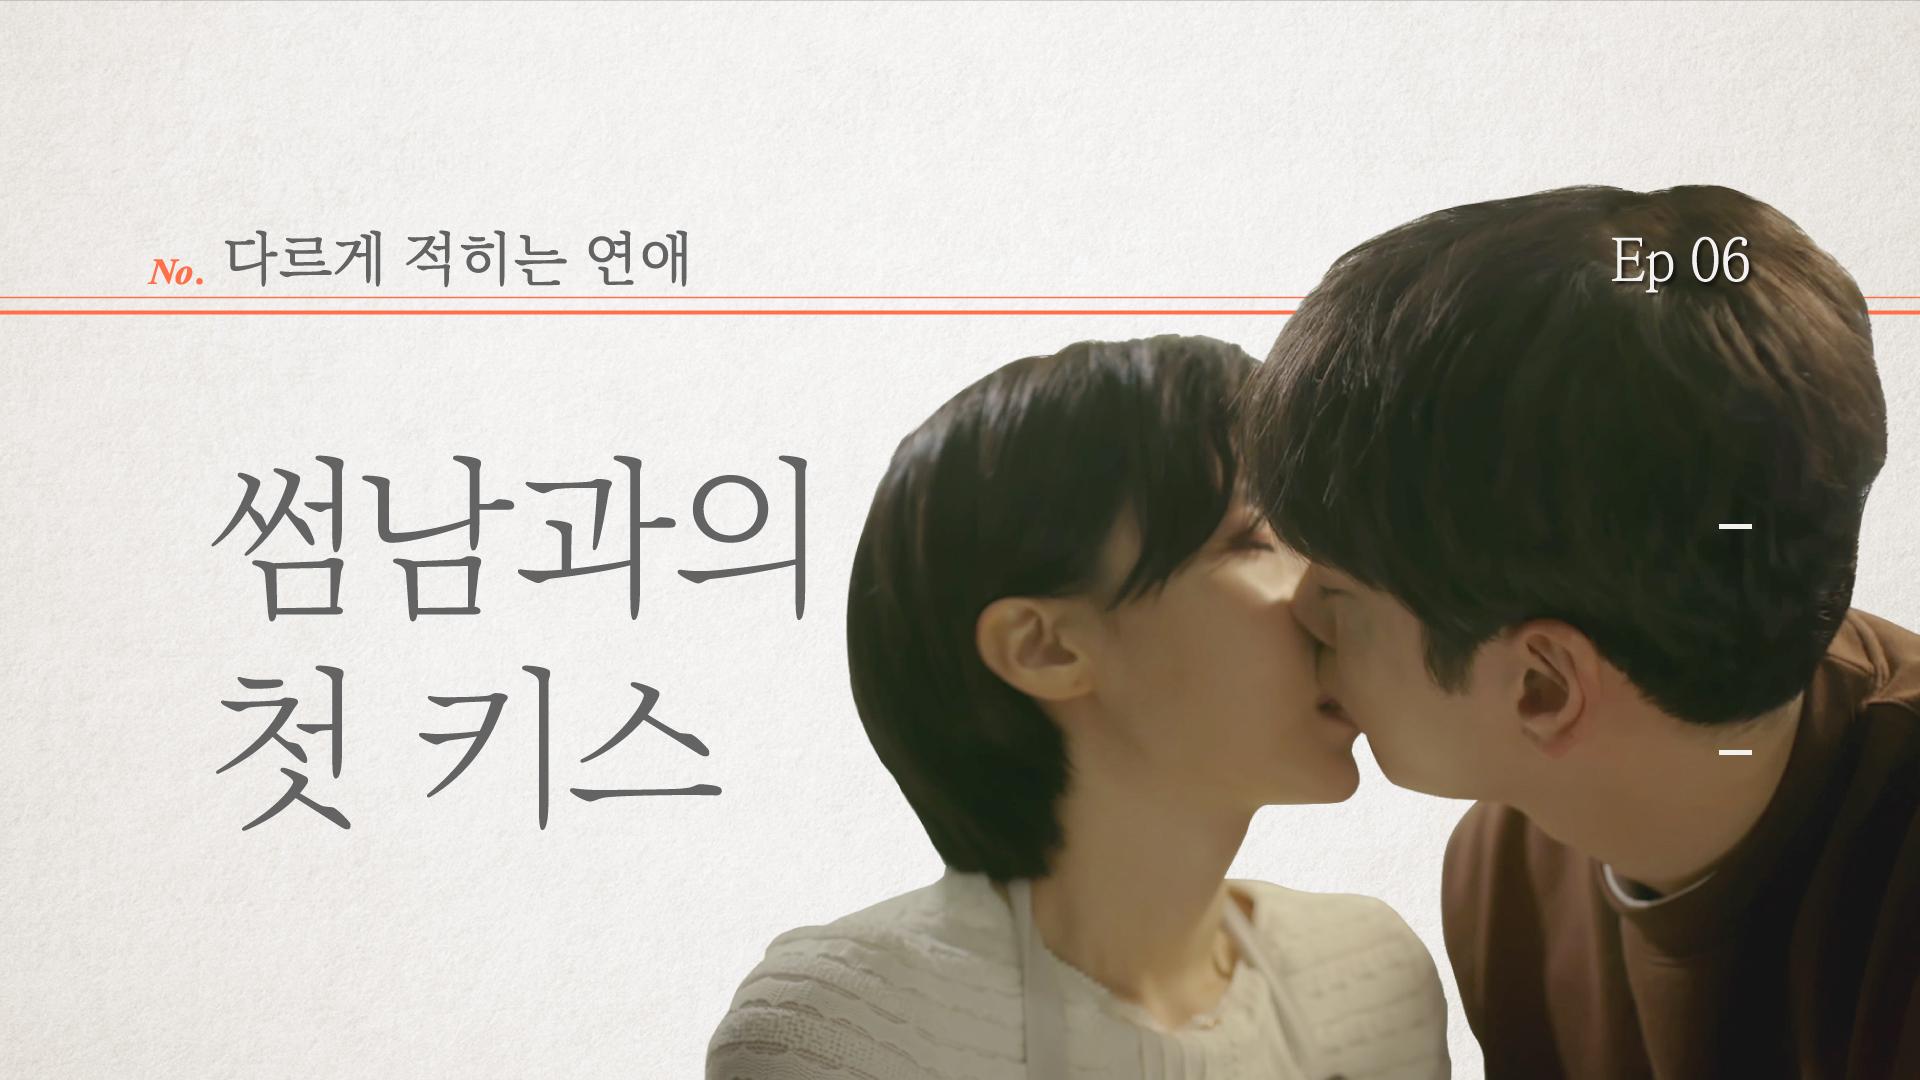 [다르게 적히는 연애] EP06. 첫 키스의 타이밍